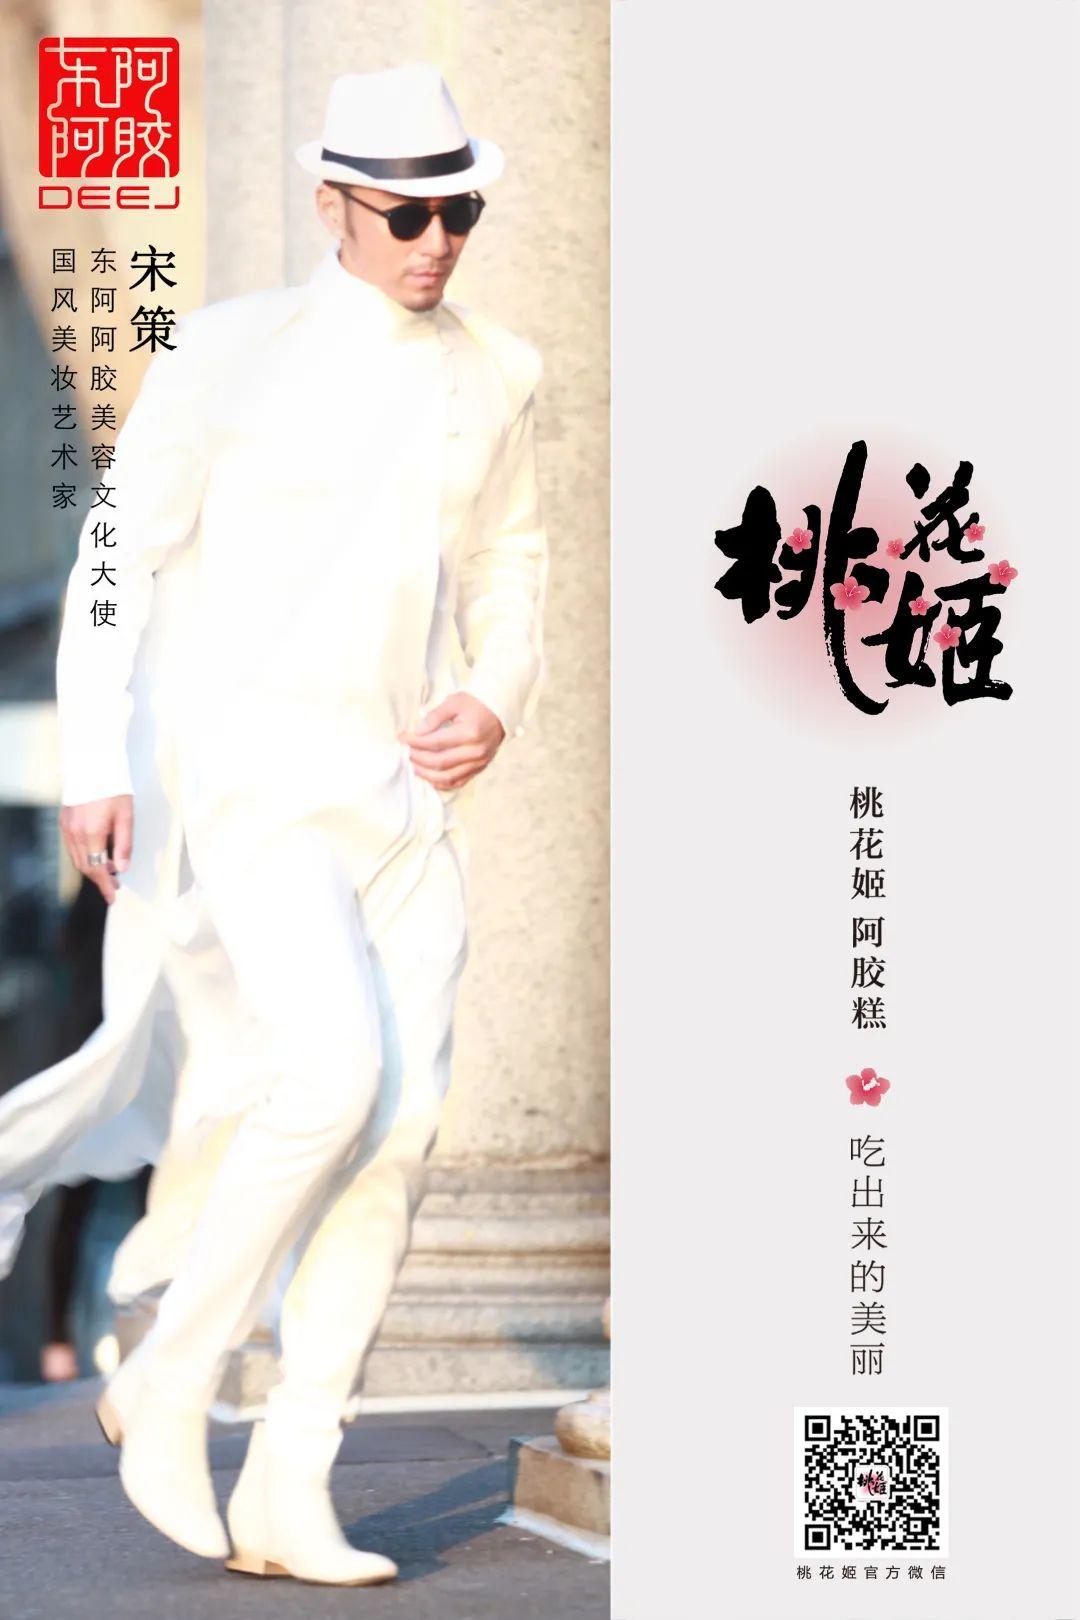 桃花姬-桃花姬携手国风美妆艺术家宋策解锁美丽新观念picture Sheet-3